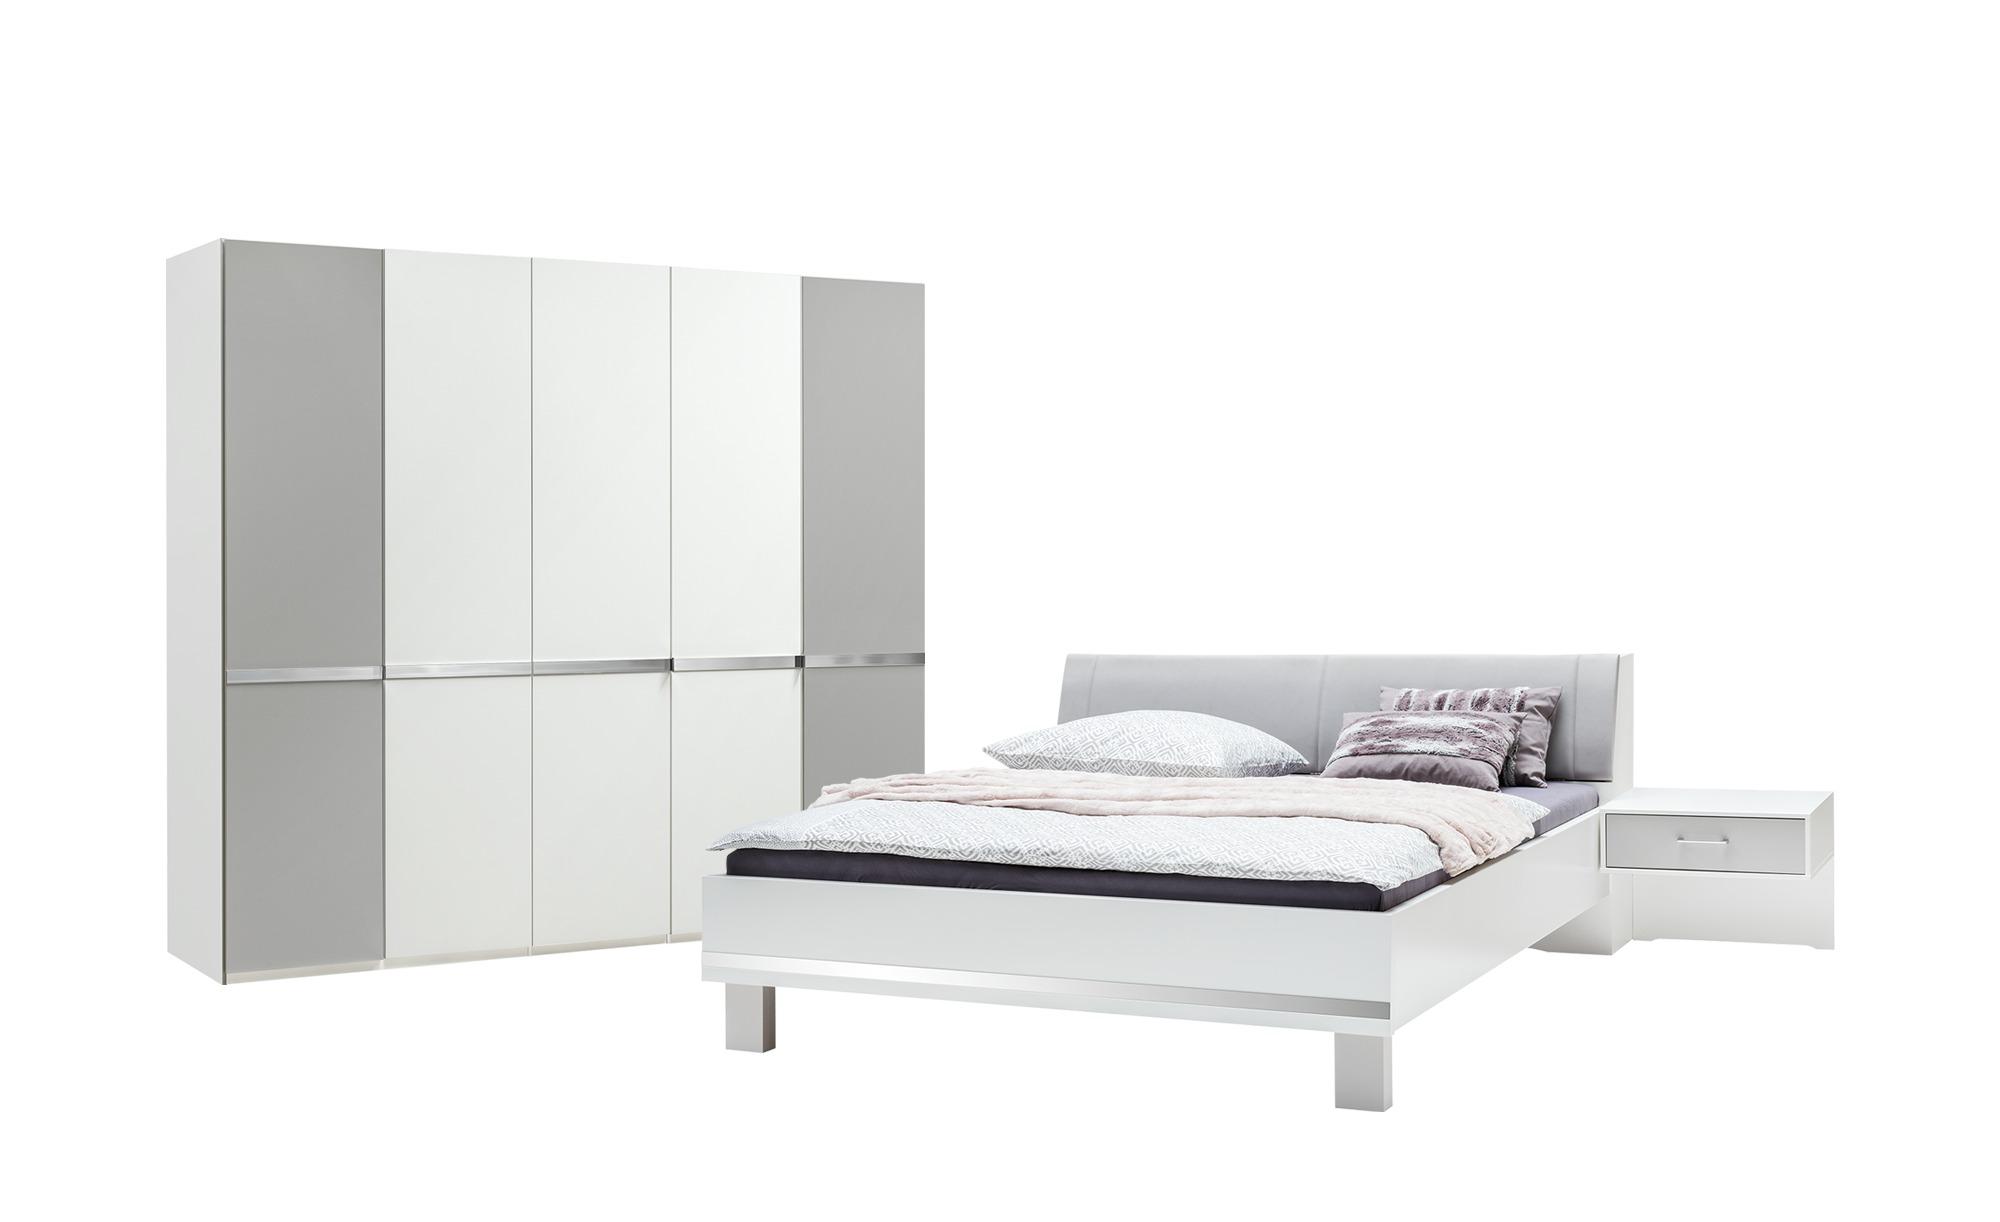 Komplett-Schlafzimmer online kaufen | Möbel-Suchmaschine ...